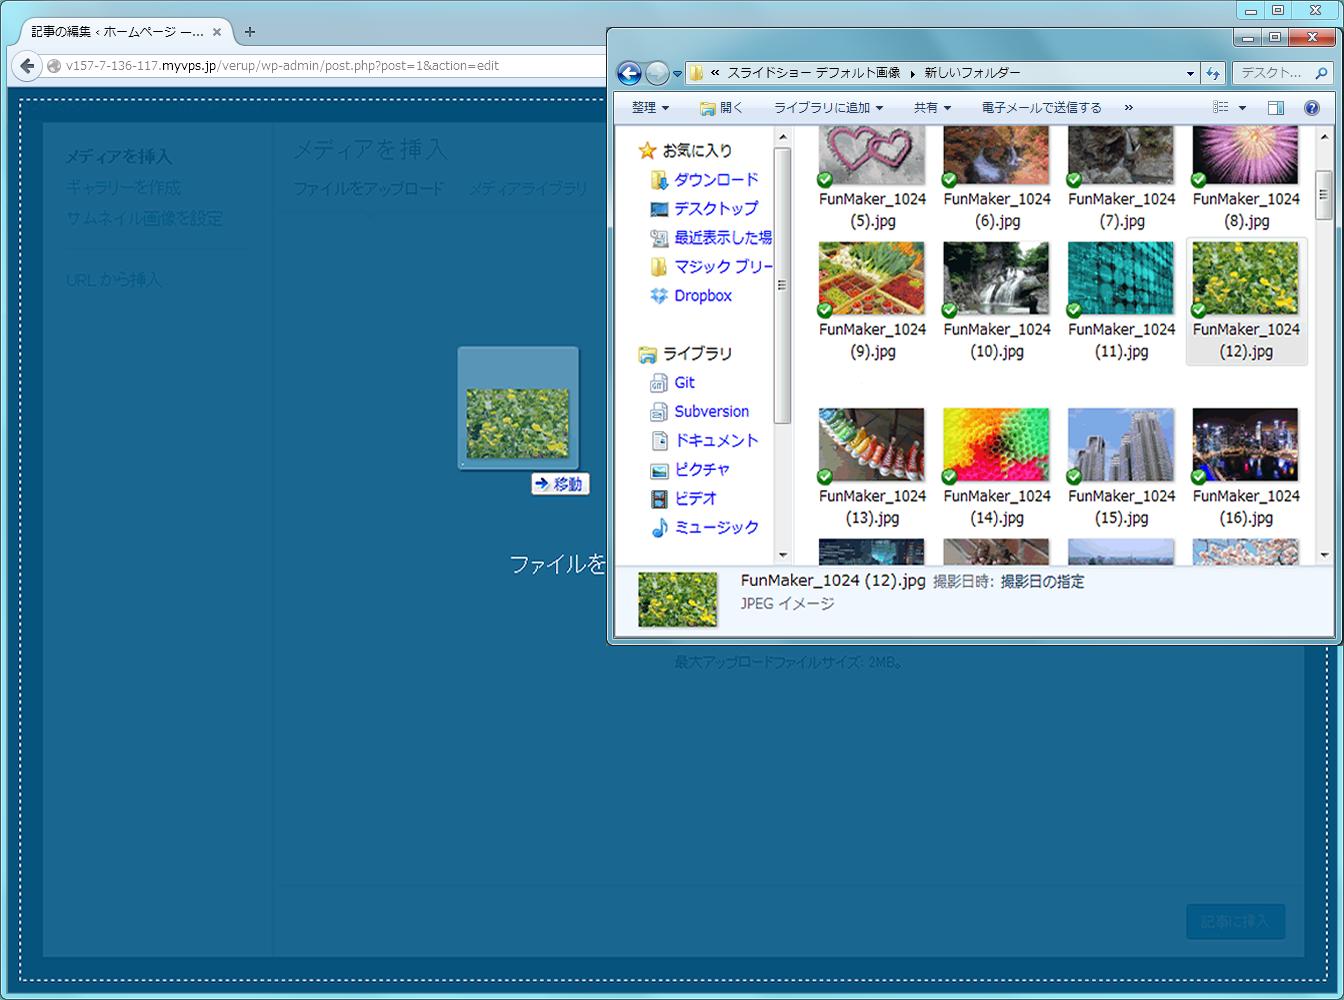 記事 画像の追加 ドロップ | 初期費用無料ホームページ作成サイト - FunMaker